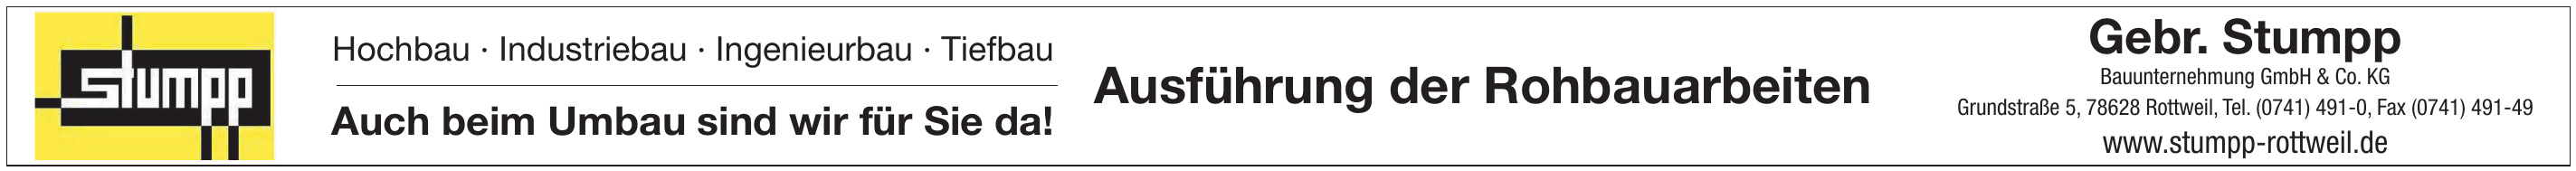 Gebr. Stumpp Bauunternehmung GmbH & Co. KG